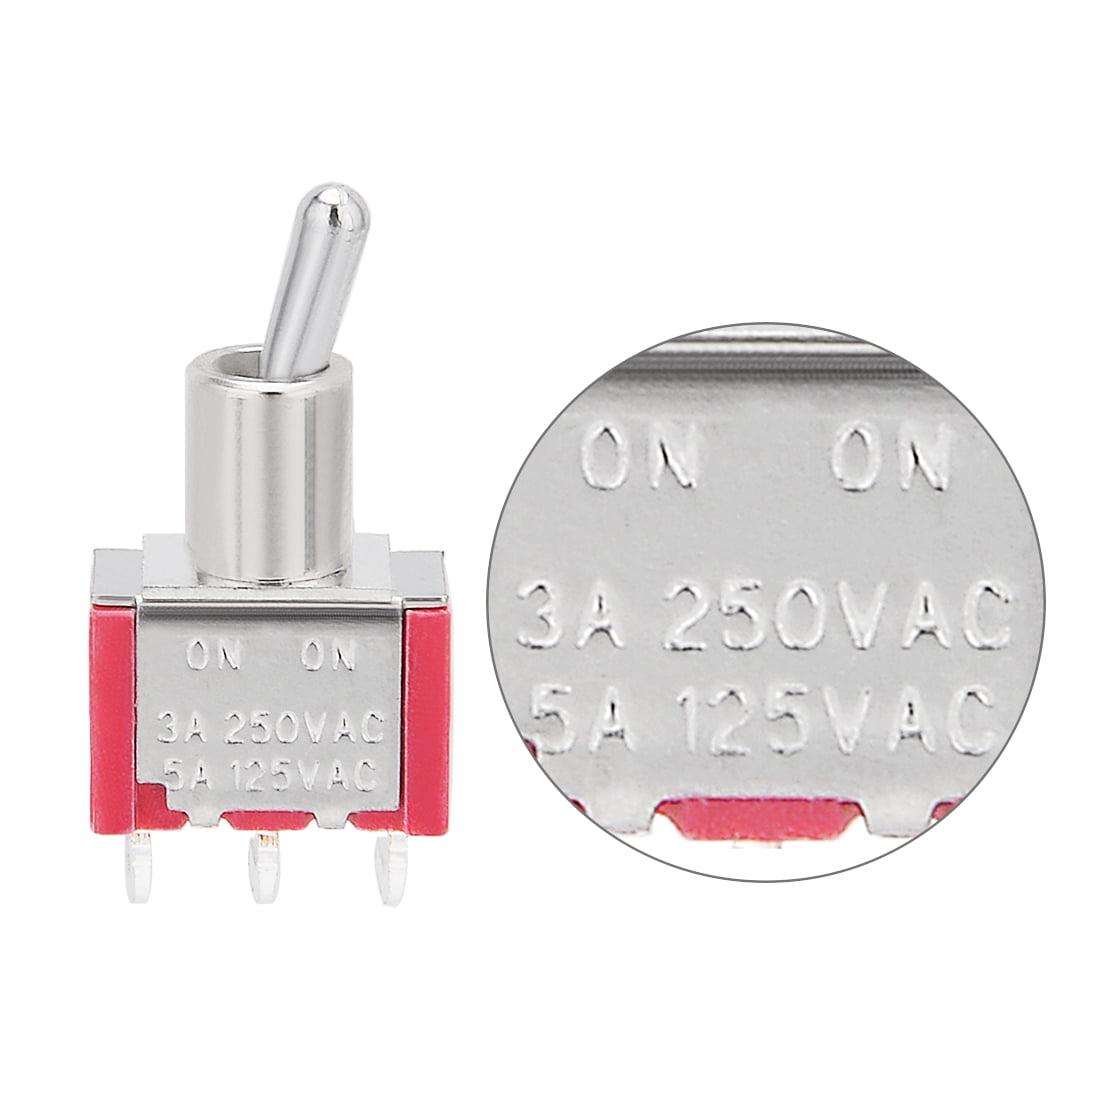 AC 250V/3A 125V/5A ON/ON SPDT interrupteur à bascule ton argent bornes angle droit - image 3 de 4